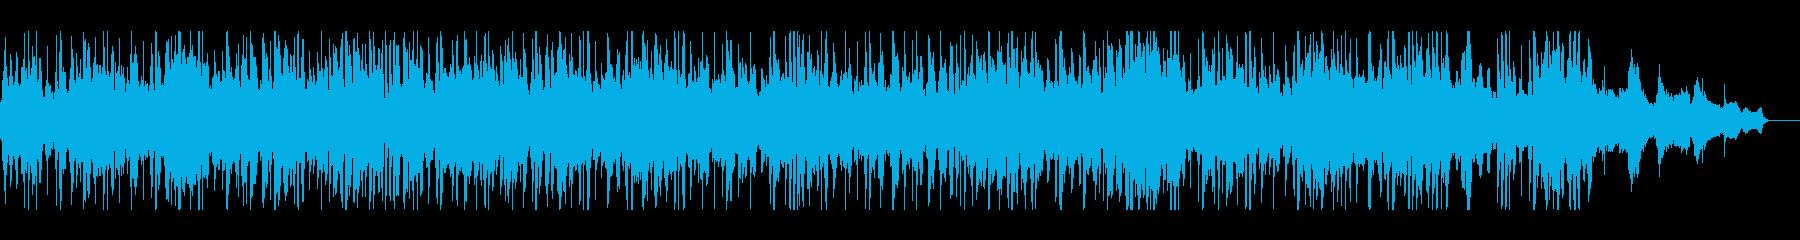 切ないブルース(インスト)の再生済みの波形